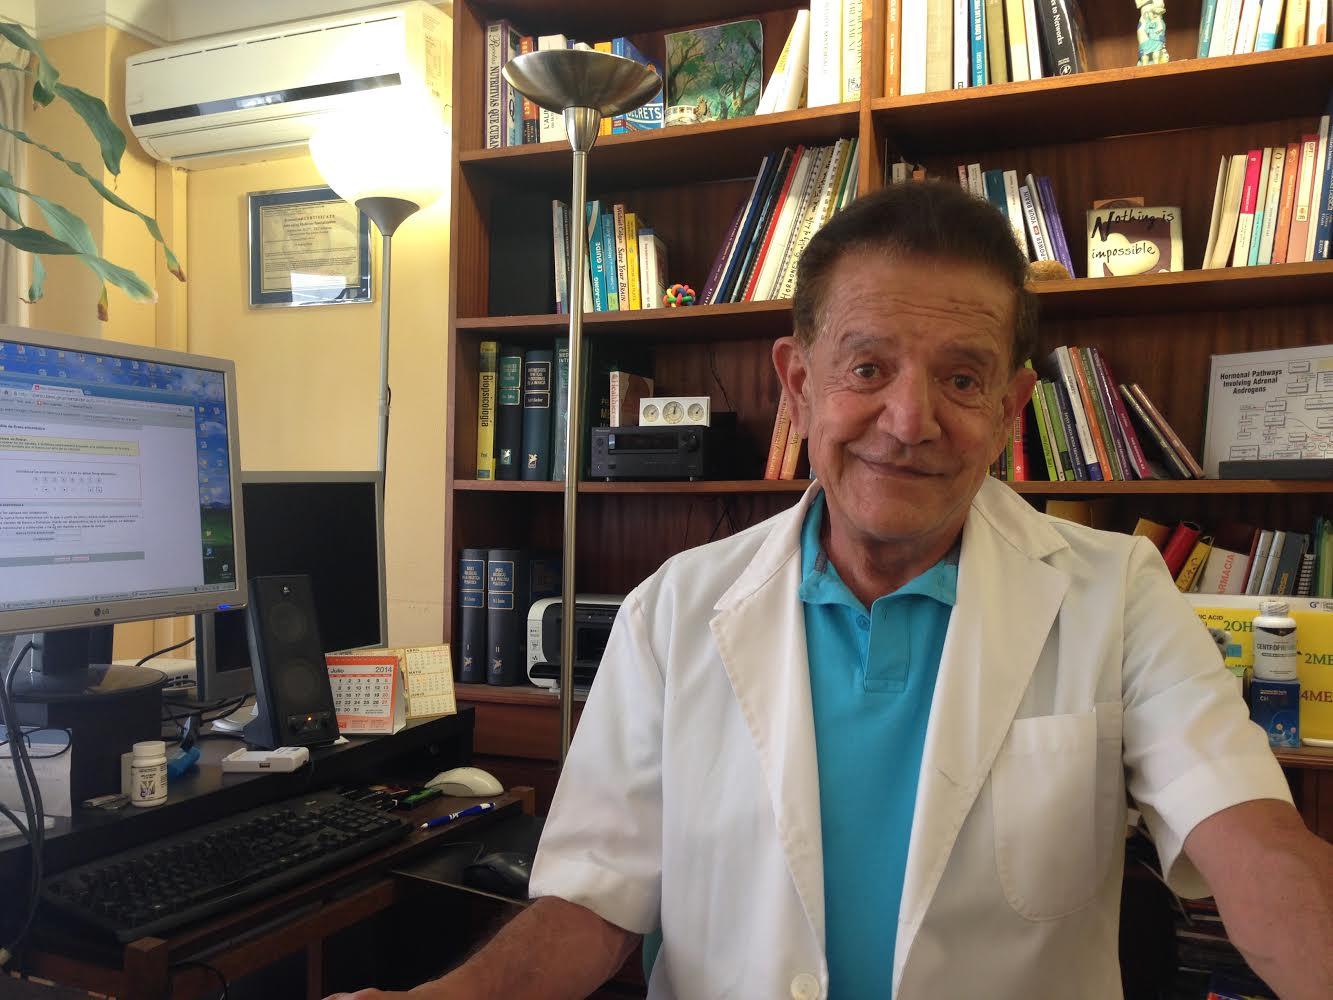 Dr. Viera, especialista en Medicina Antiedad